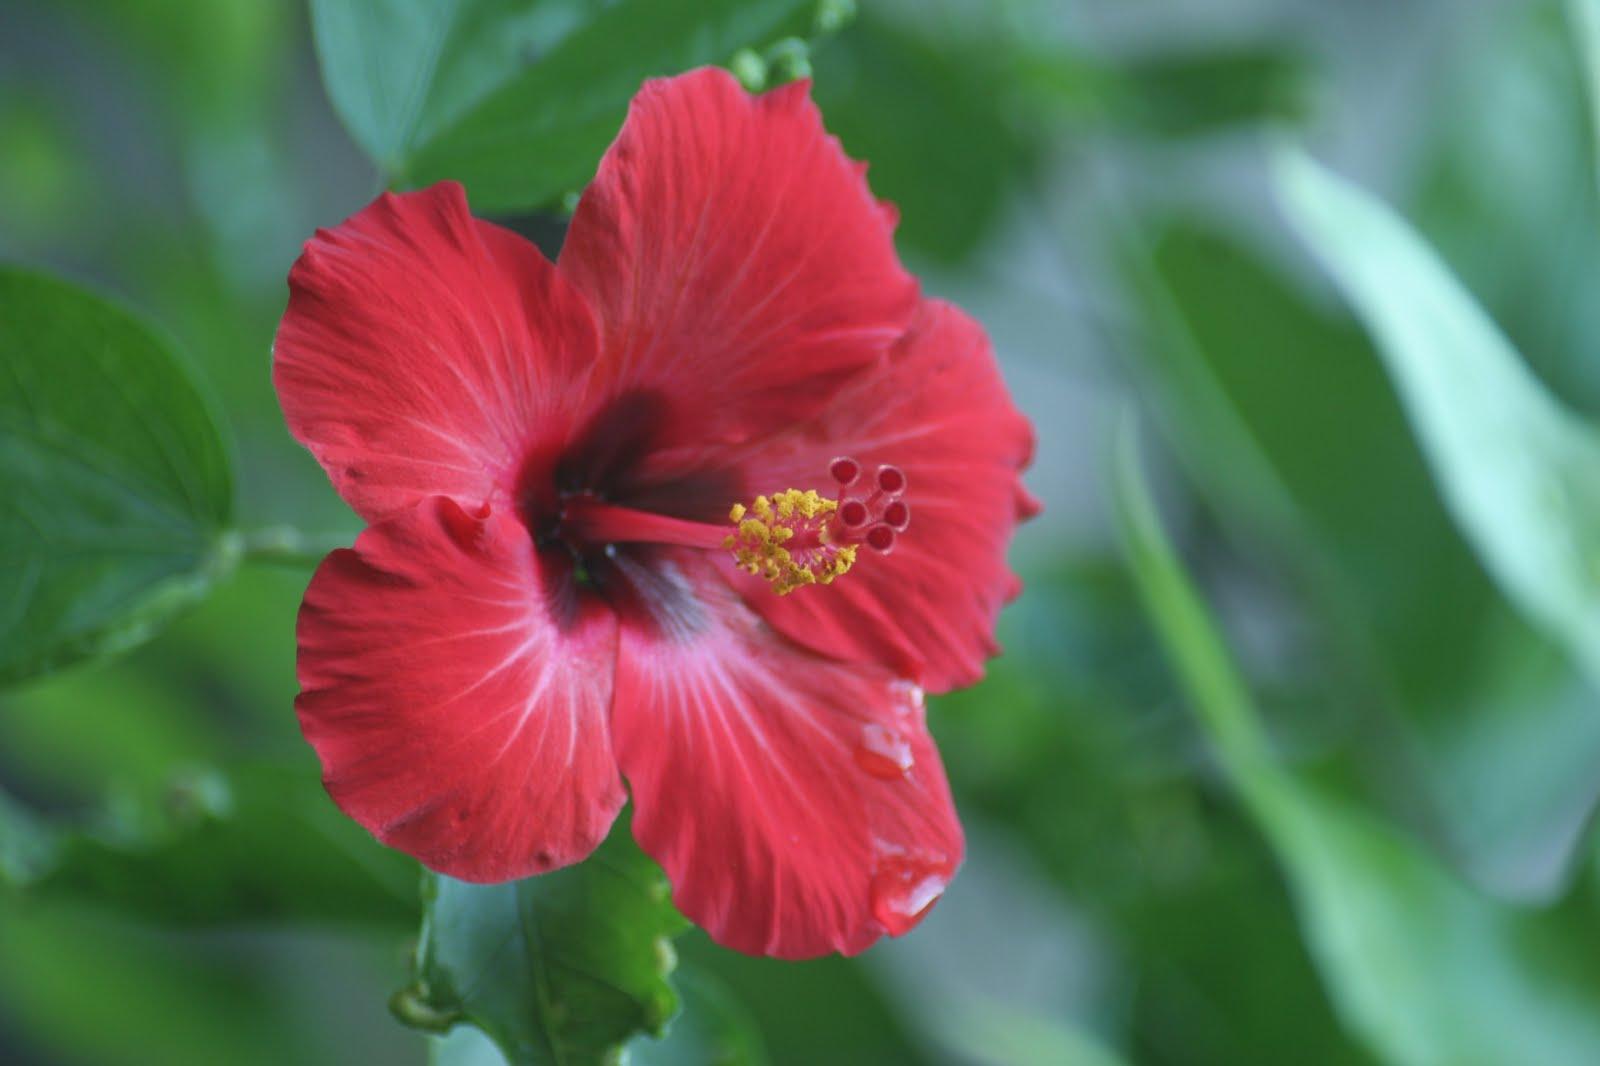 La flora y la fauna for Malvarrosa planta